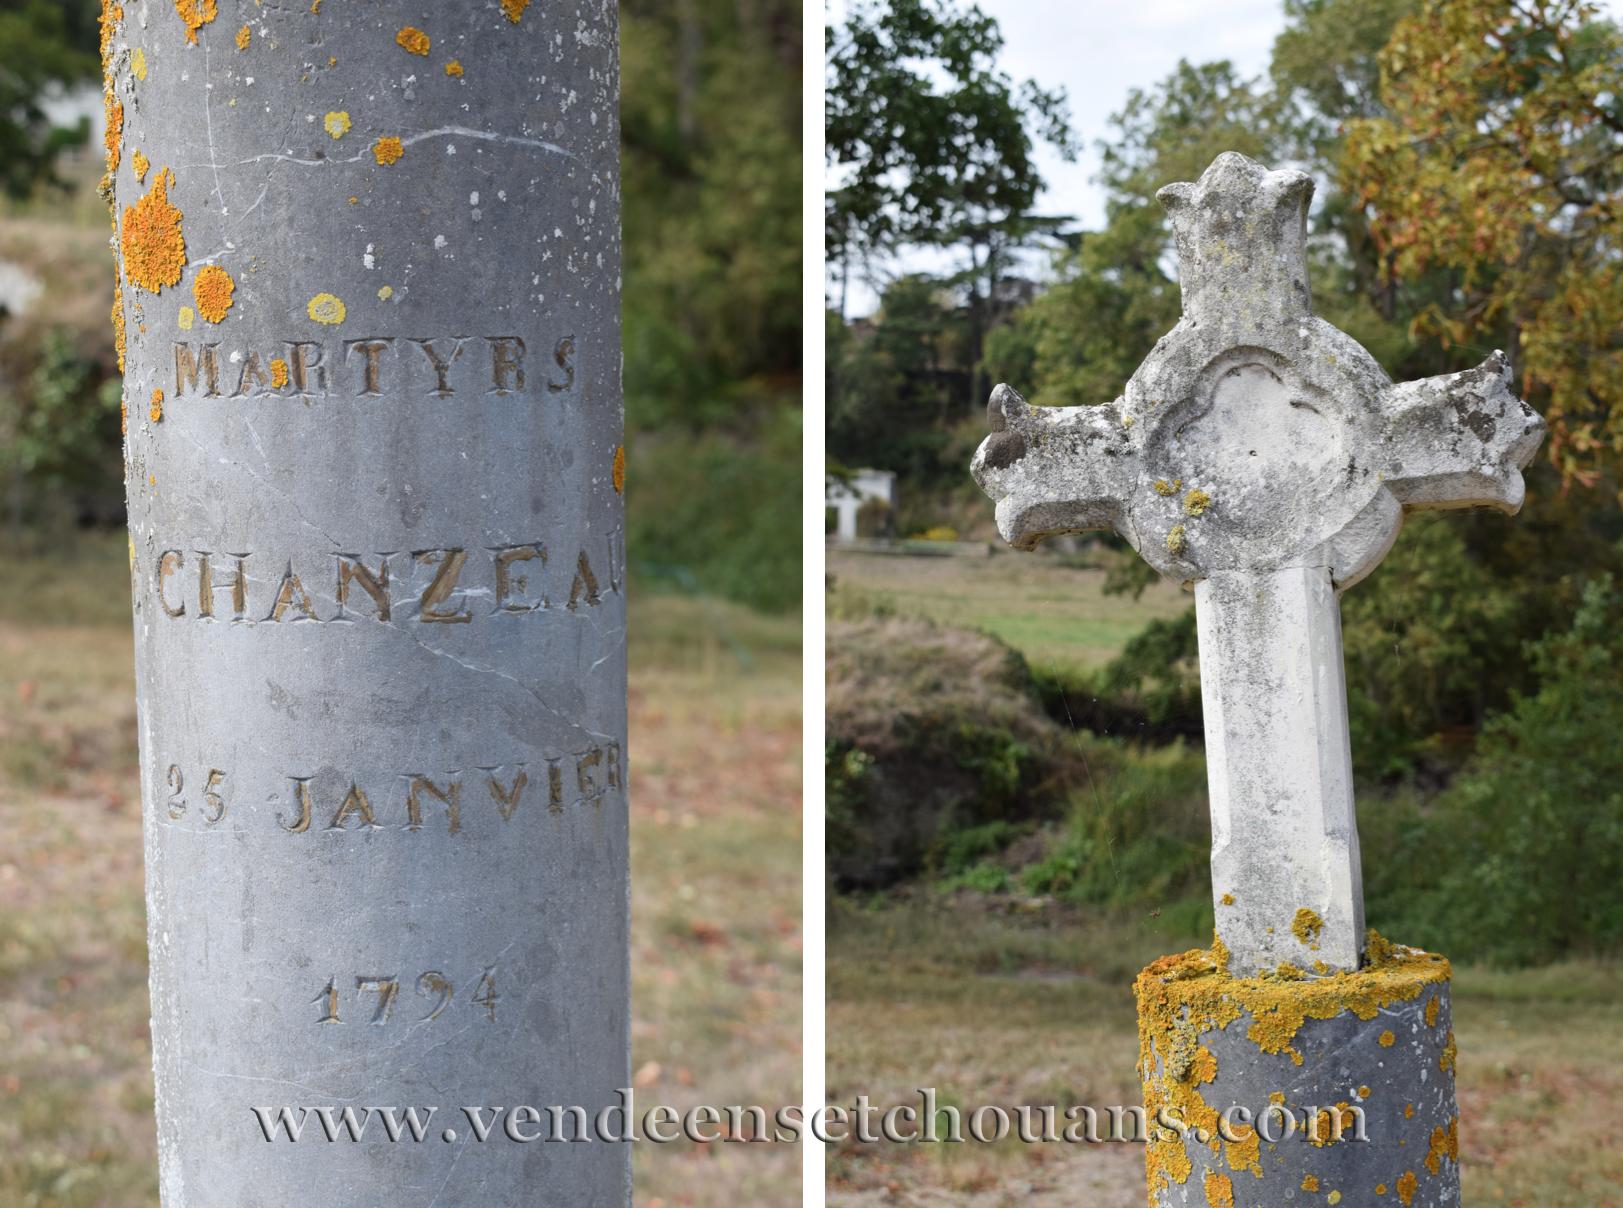 Un souvenir des Colonnes infernales à Chanzeaux